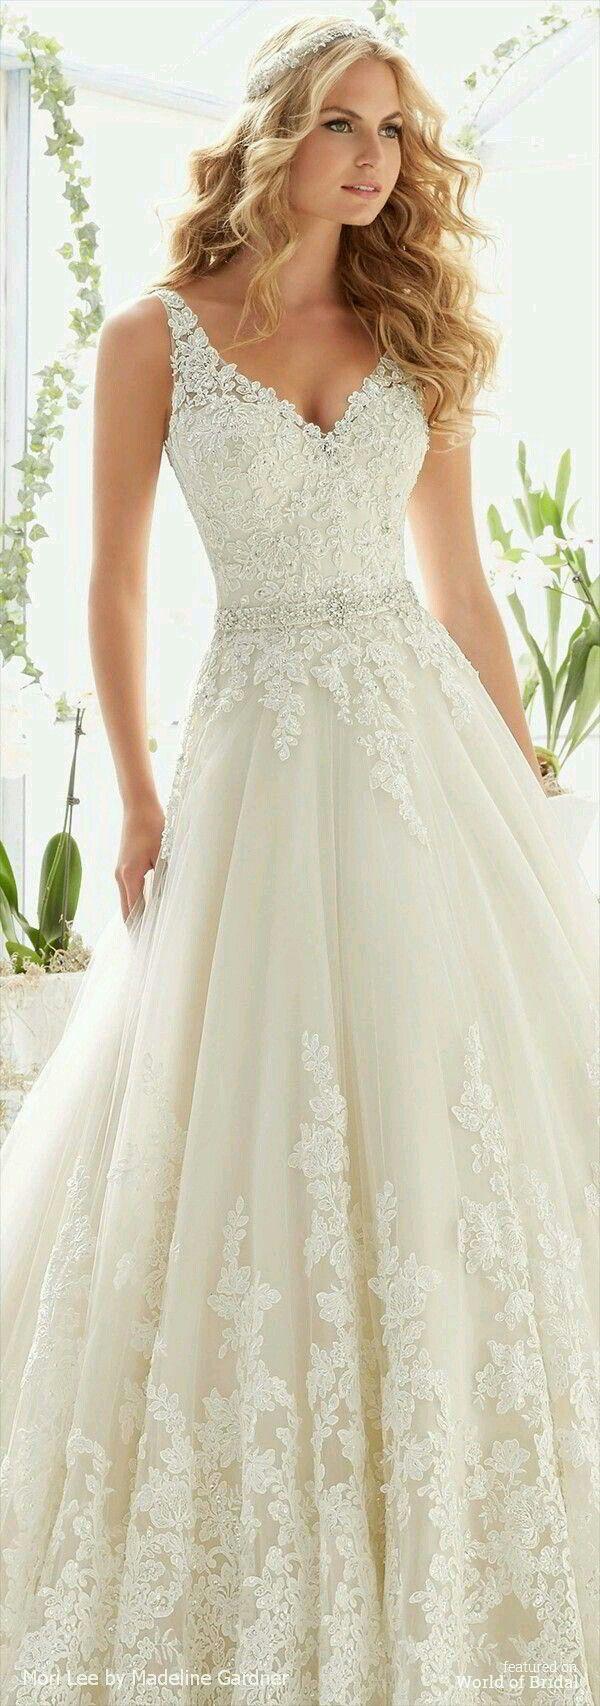 Pin von Vanessa Saravia auf Wedding Ideas | Pinterest ...